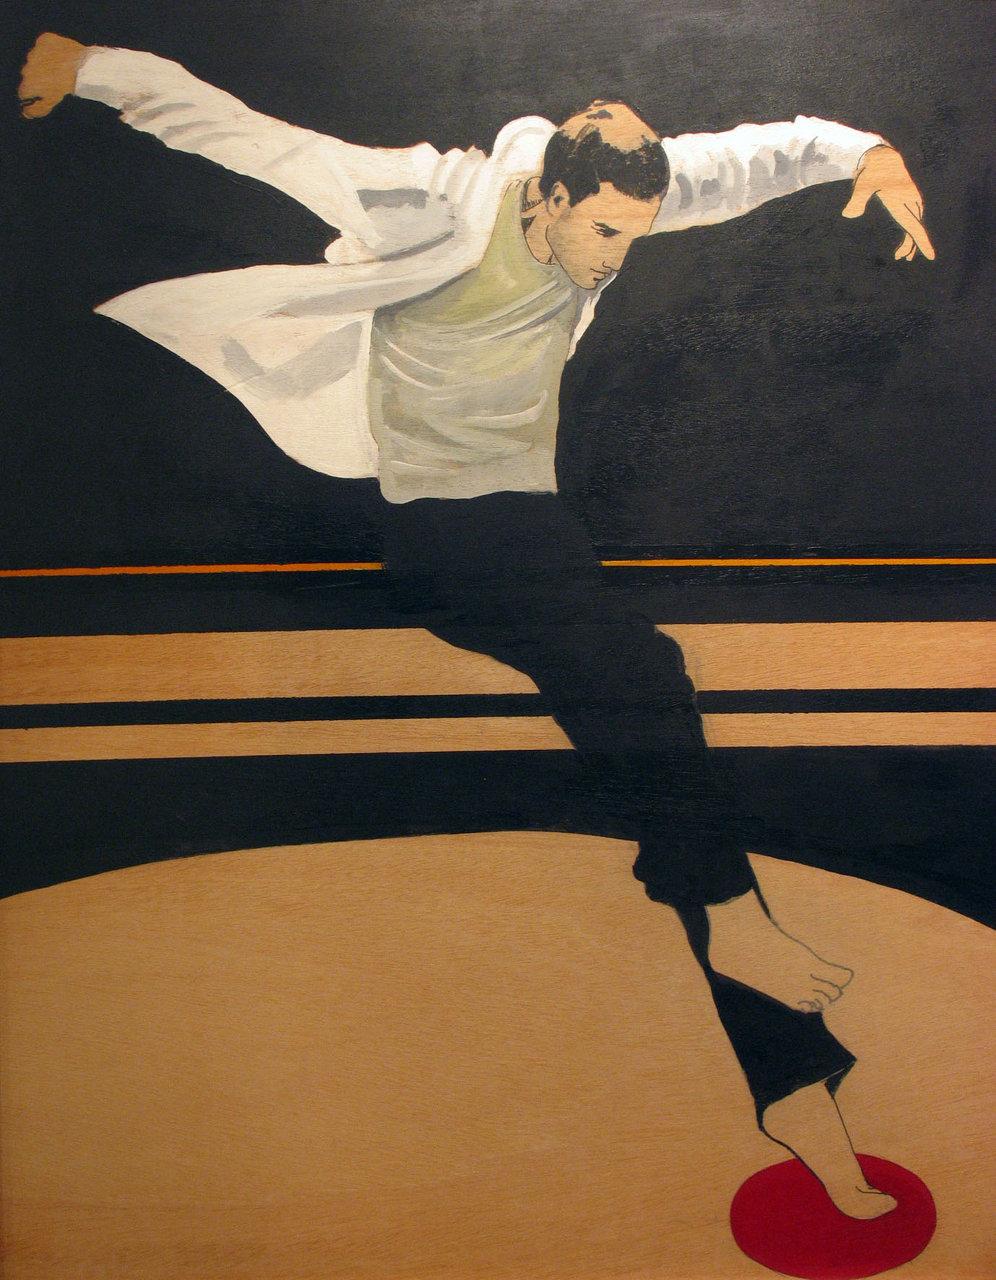 bailarin